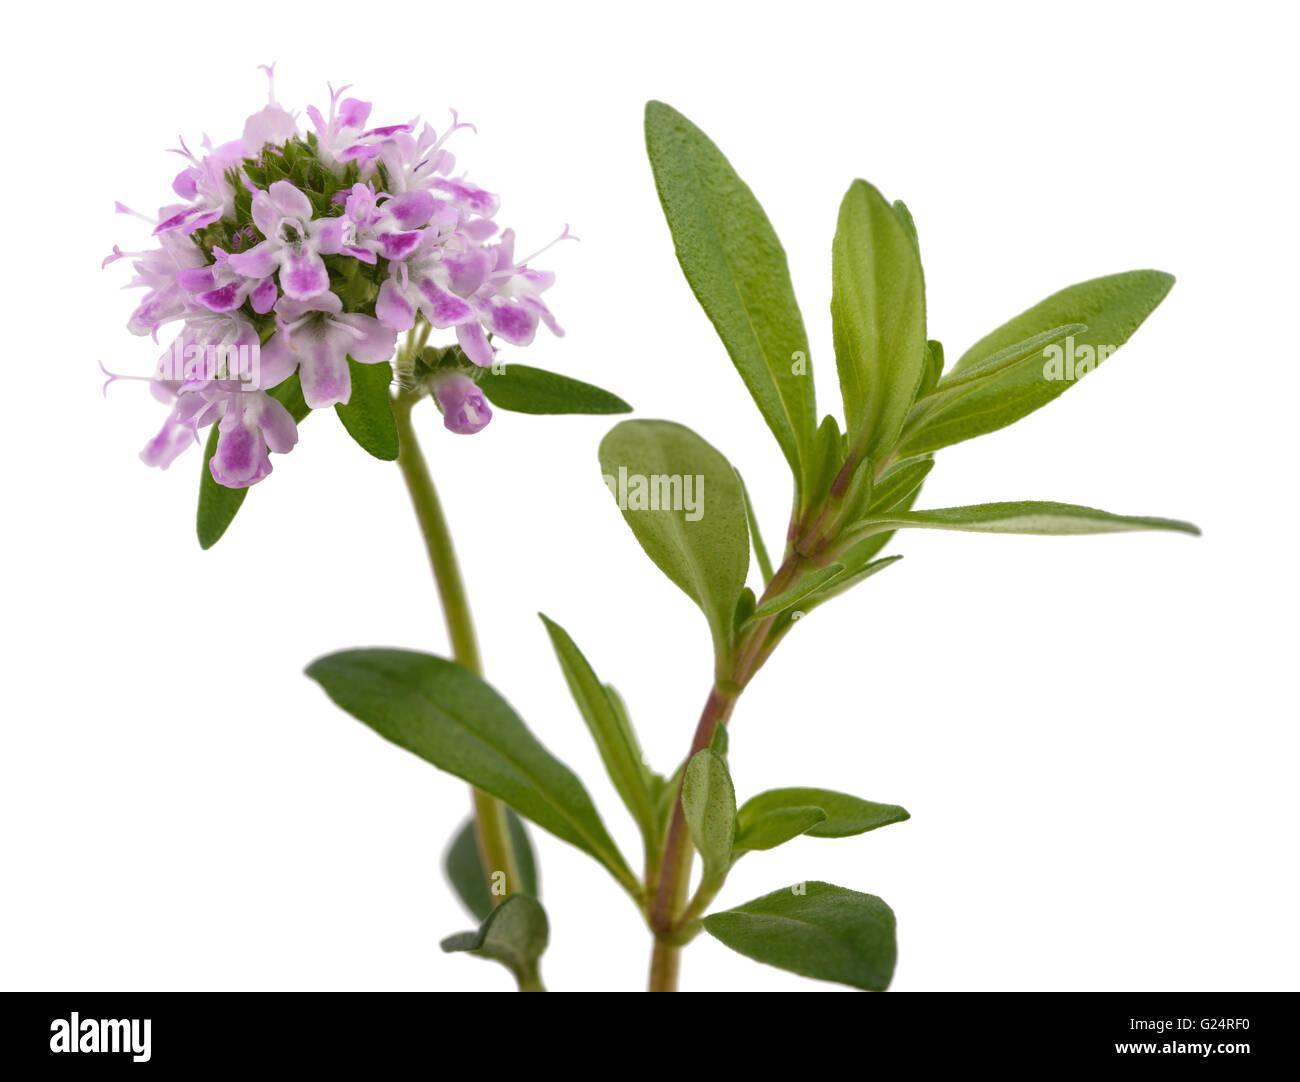 Bohnenkraut Blumen isoliert auf weißem Hintergrund Stockbild